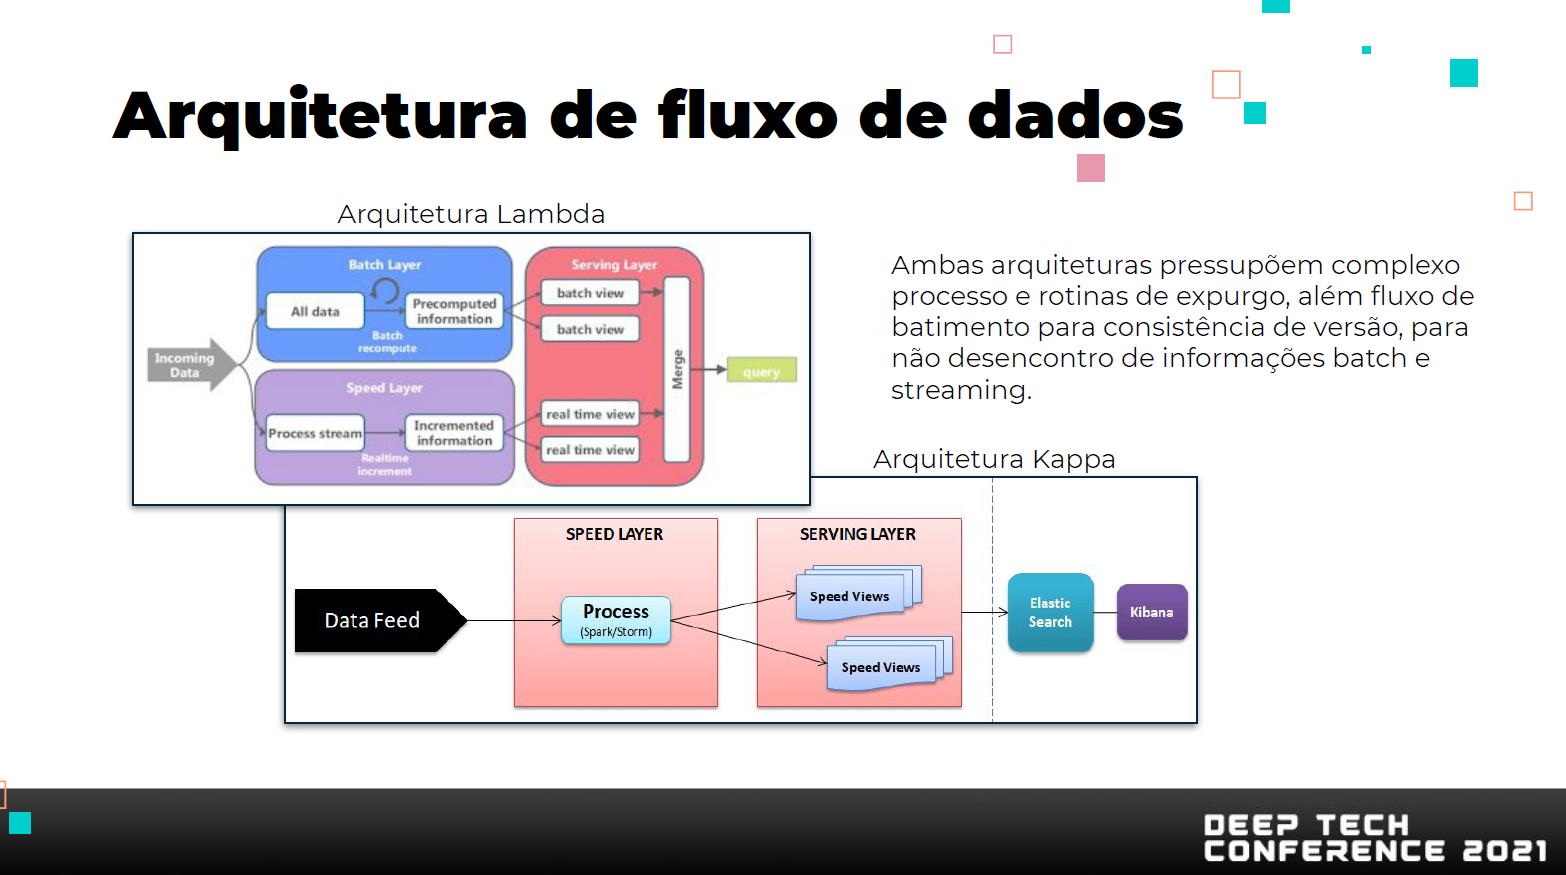 Arquitetura de Fluxo de Dados